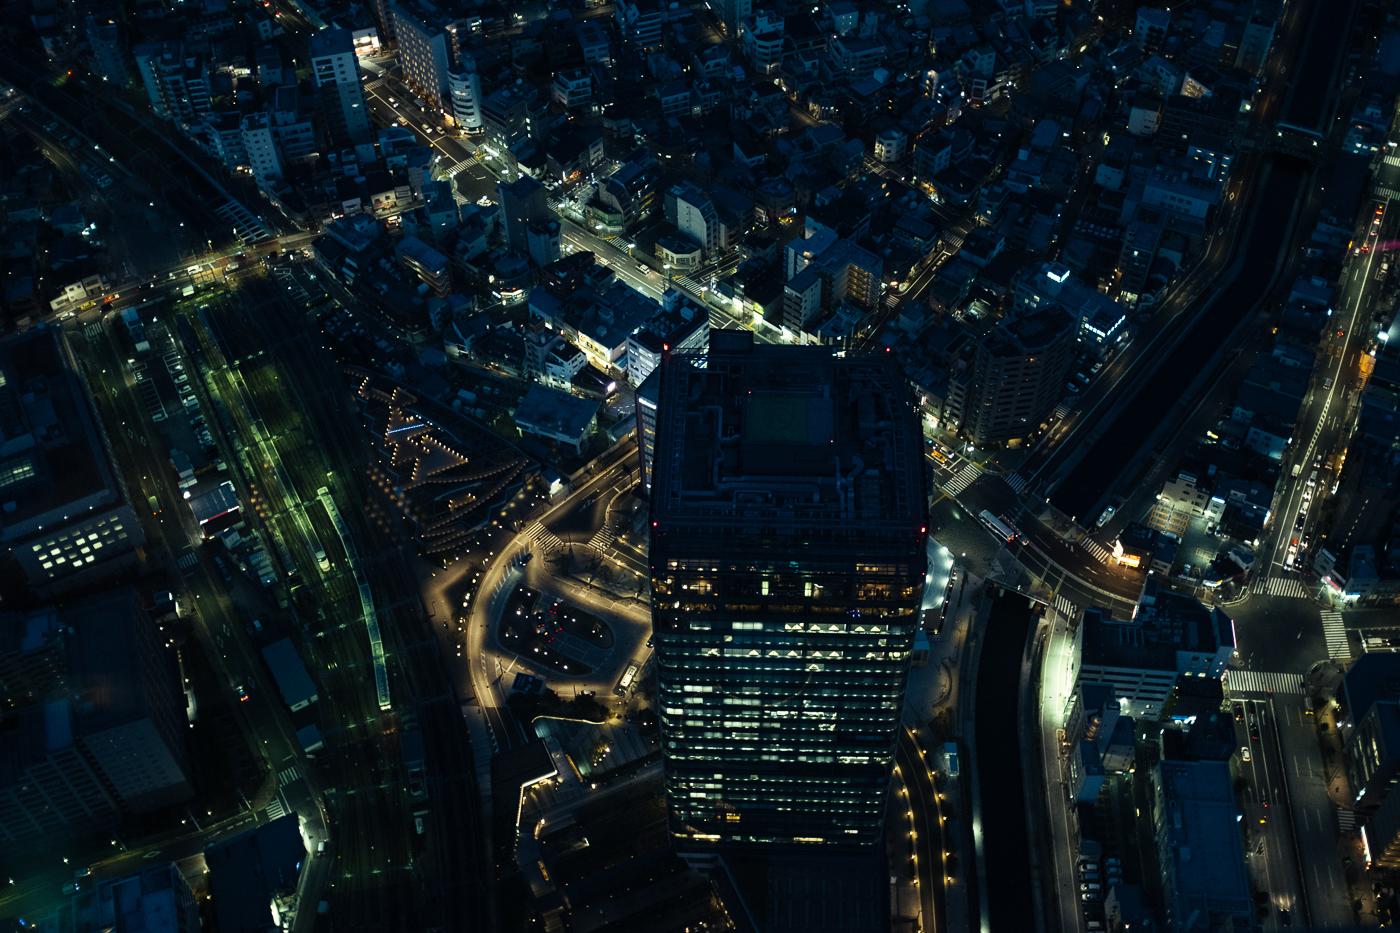 Vertige depuis le Tokyo Skytree. Les bâtiments les plus hauts se font ridiculement petits